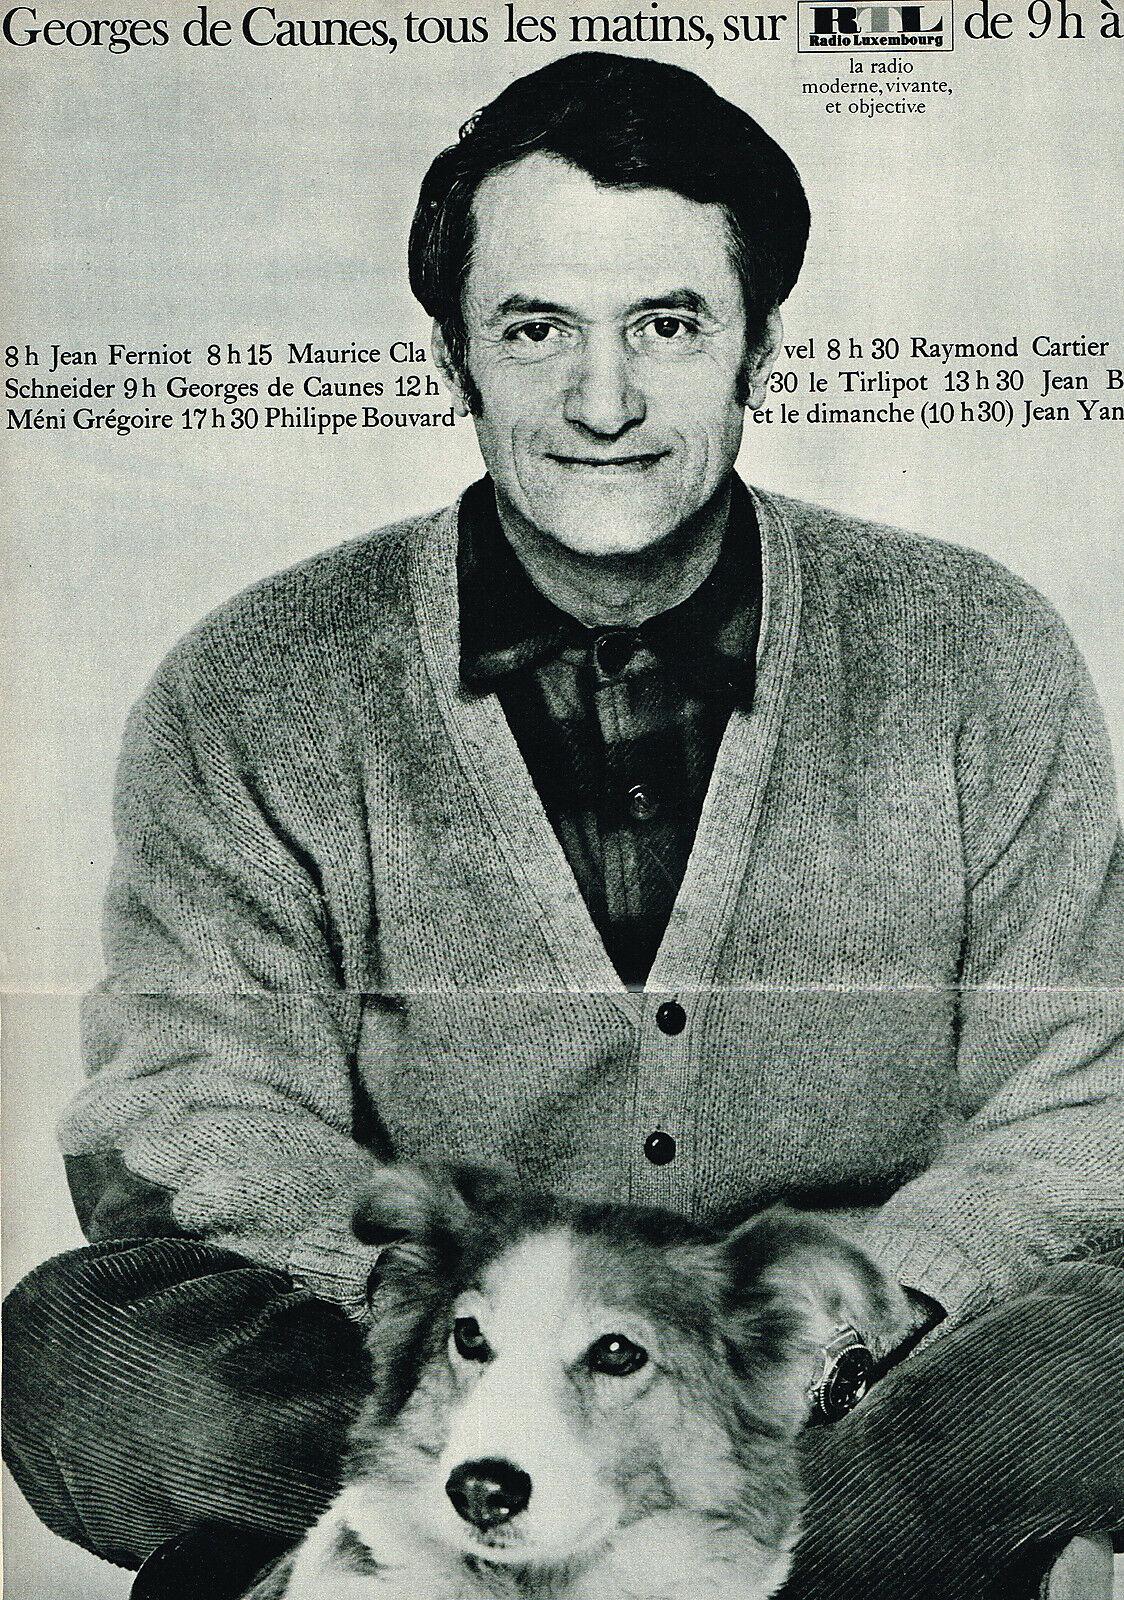 1968 RTL radio Georges de Caunes B